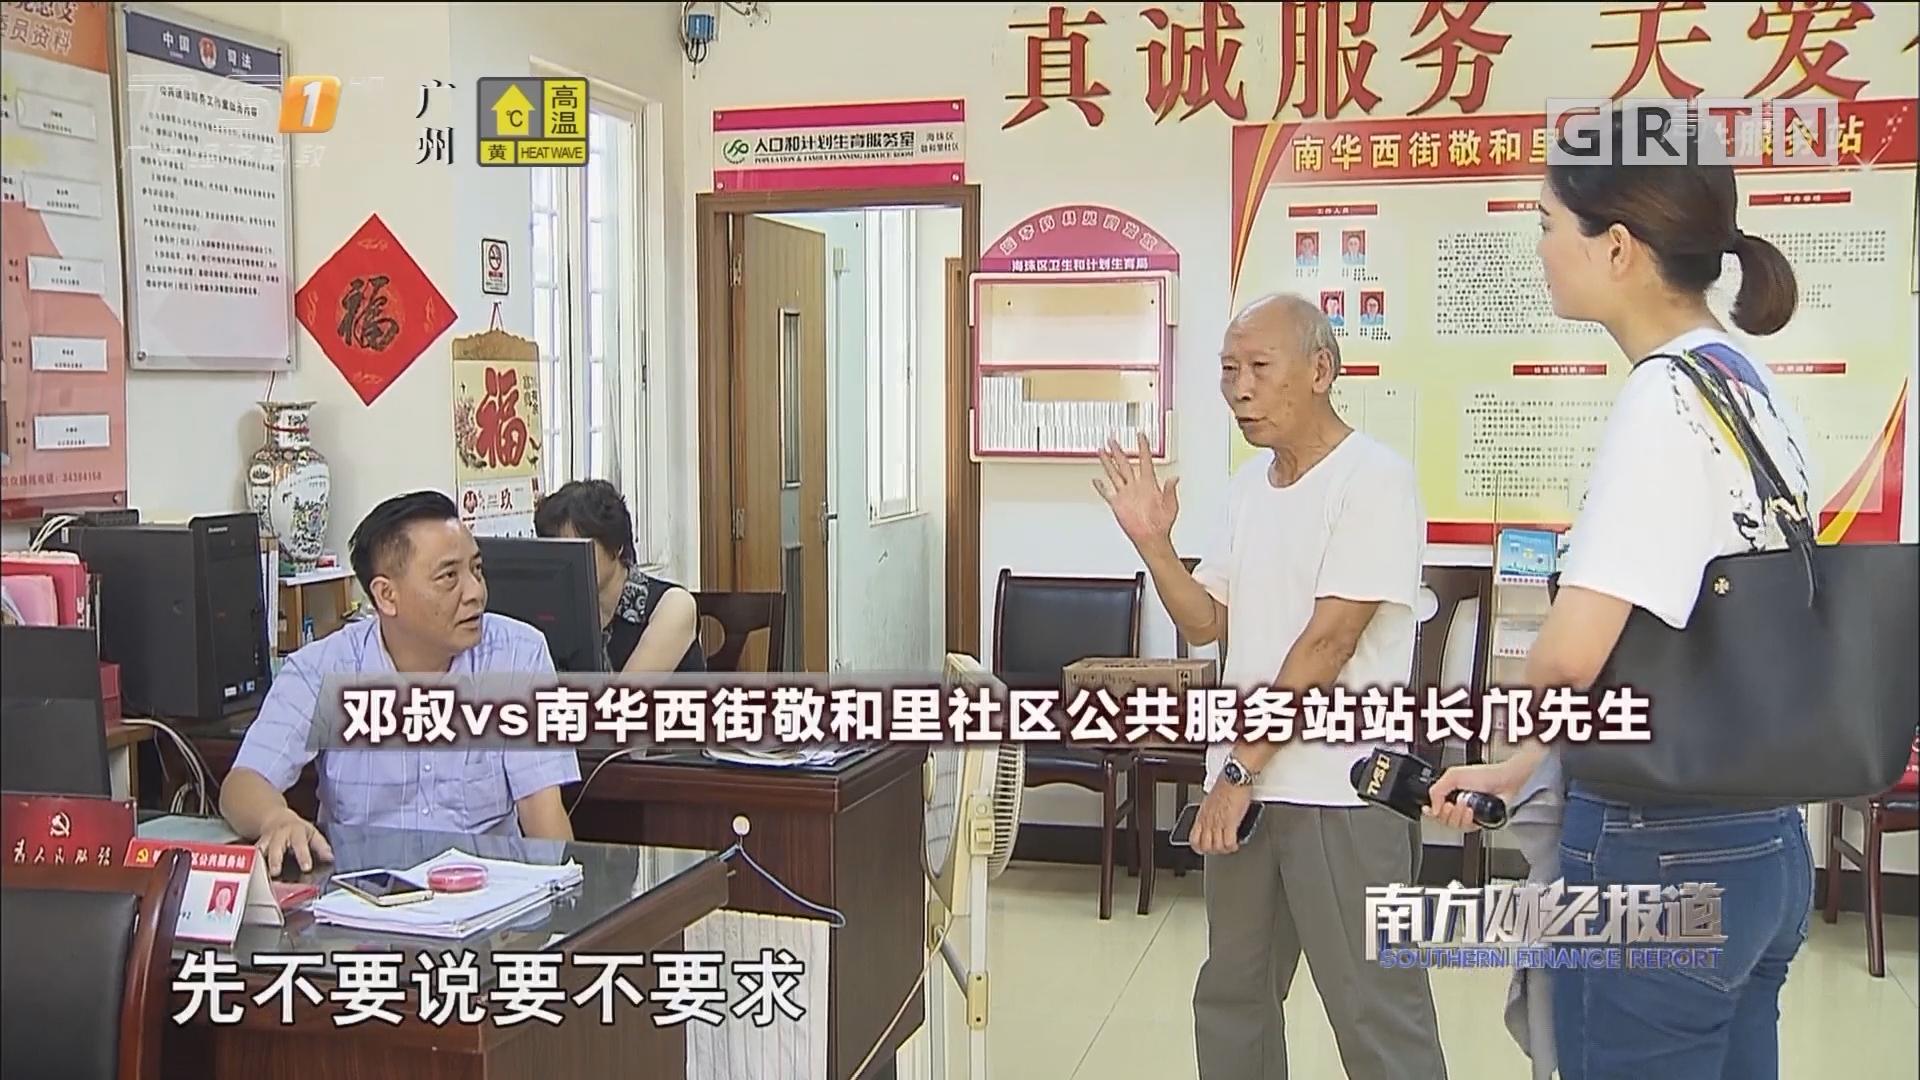 广州:台风过后 社区水浸多天却无人消毒